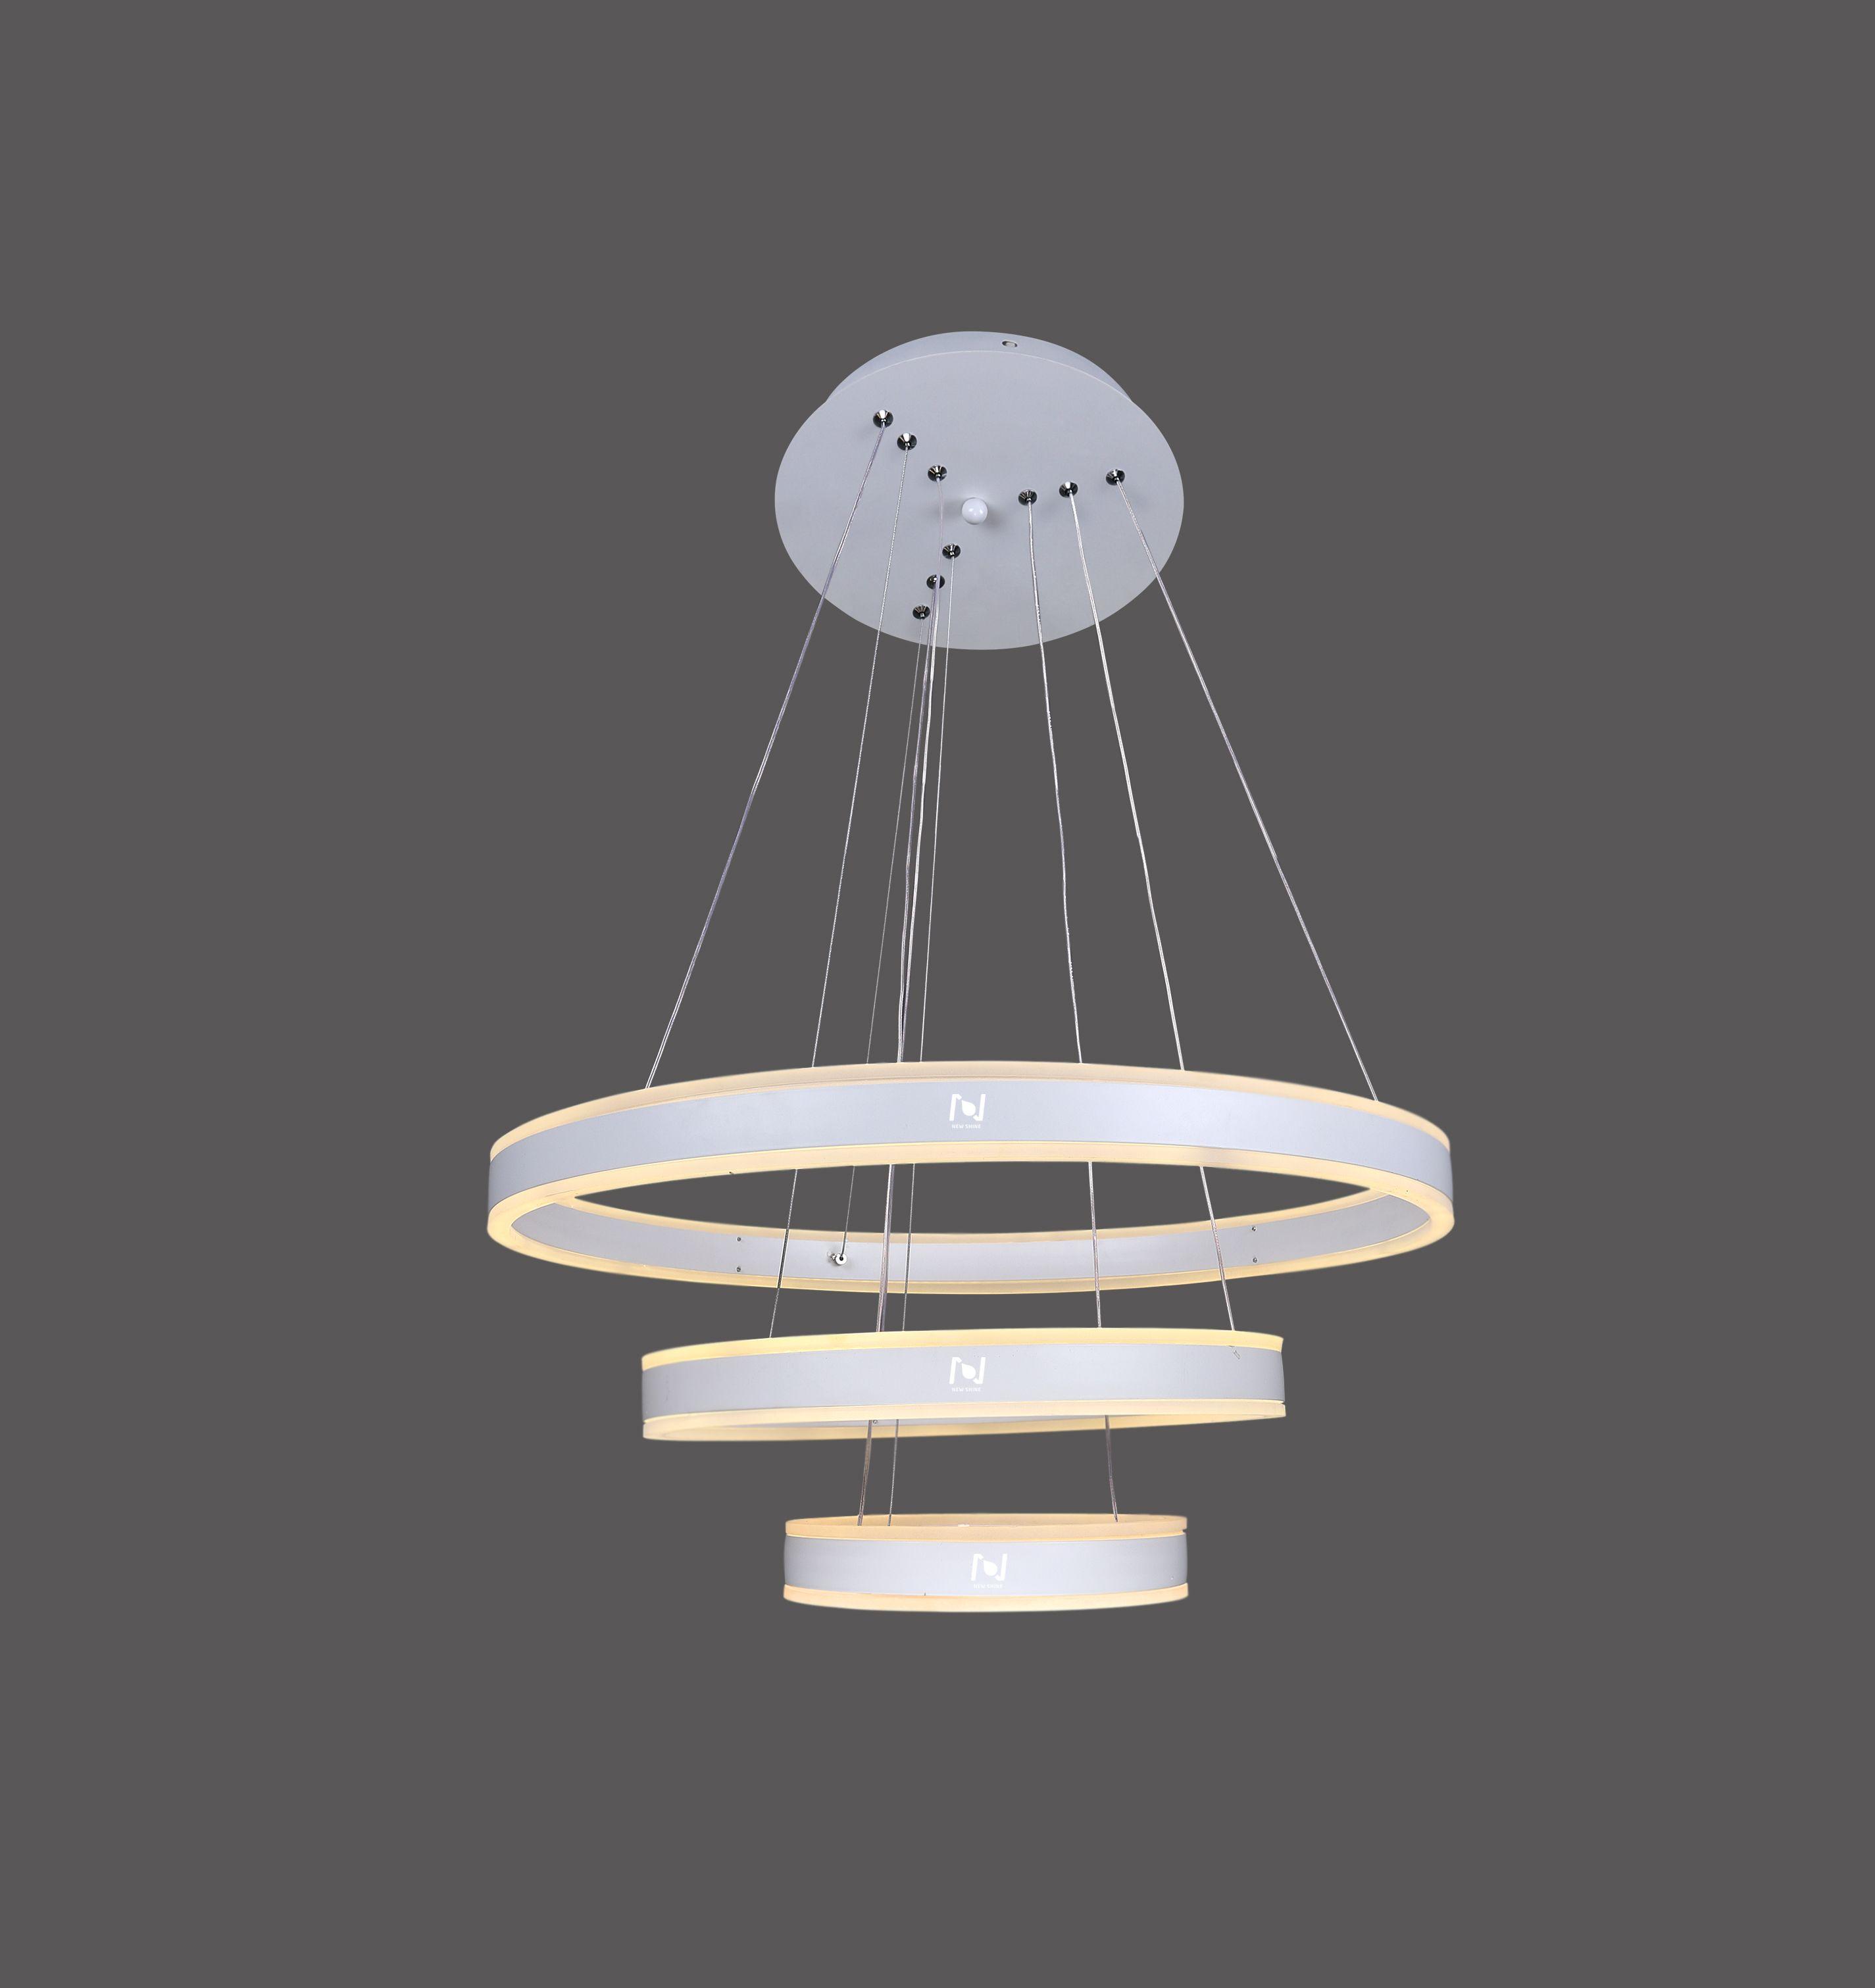 Led Circle Light In 2020 Circle Light Led Ring Light Circle Pendant Light